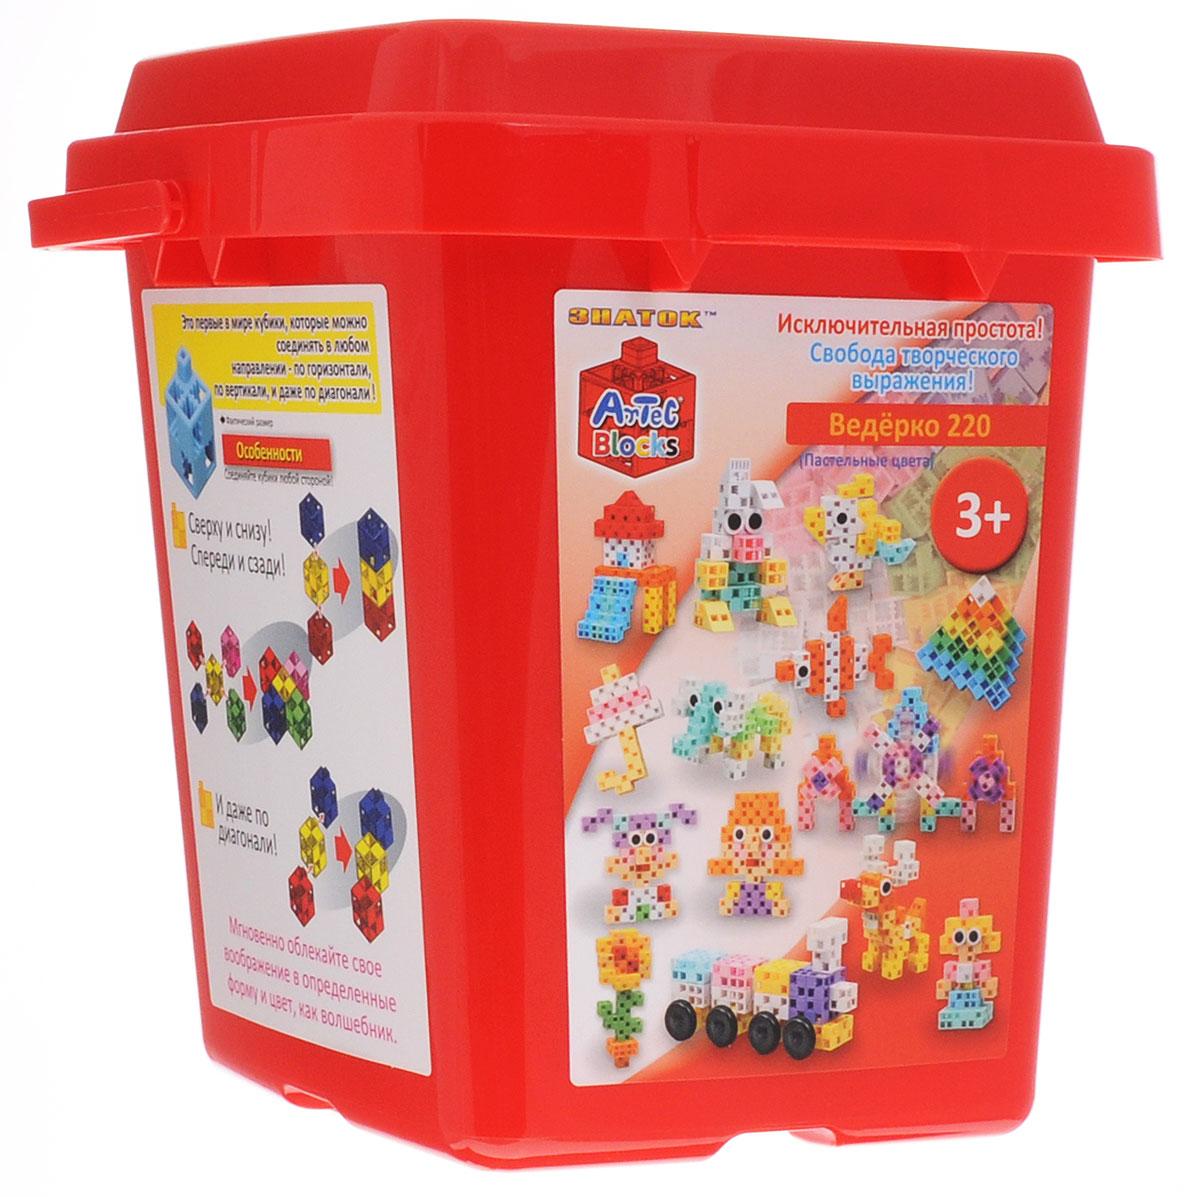 Знаток Конструктор цвет красный15-2203-ARTКонструктор Знаток - это лучшее средство для развития фантазии ребенка. Конструктор помогает малышам в игровой форме освоить азы моделирования и с легкостью собрать множество удивительных фигур! Набор состоит из 220 разноцветных деталей в форме кубиков, дисков, колес, осей и треугольников. Из деталей разного цвета и формы можно собрать принцесс и фей, цветы, уточек, оленя, стрекозу и других сказочных героев! Такая игрушка будет долго оставаться самой любимой у вашего ребенка. Набор поставляется в пластиковом ведерке, в котором удобно хранить элементы и собранные фигурки. Все детали набора изготовлены из пластика пастельных цветов, приятных для детского восприятия. Artec Blocks - это первый в мире конструктор, детали которого можно соединять в любом направлении: по горизонтали, вертикали и даже по диагонали. Это подталкивает детей фантазировать и дает возможность строить фигуры любых форм и размеров! Во время игры с конструктором у ребенка будет ...